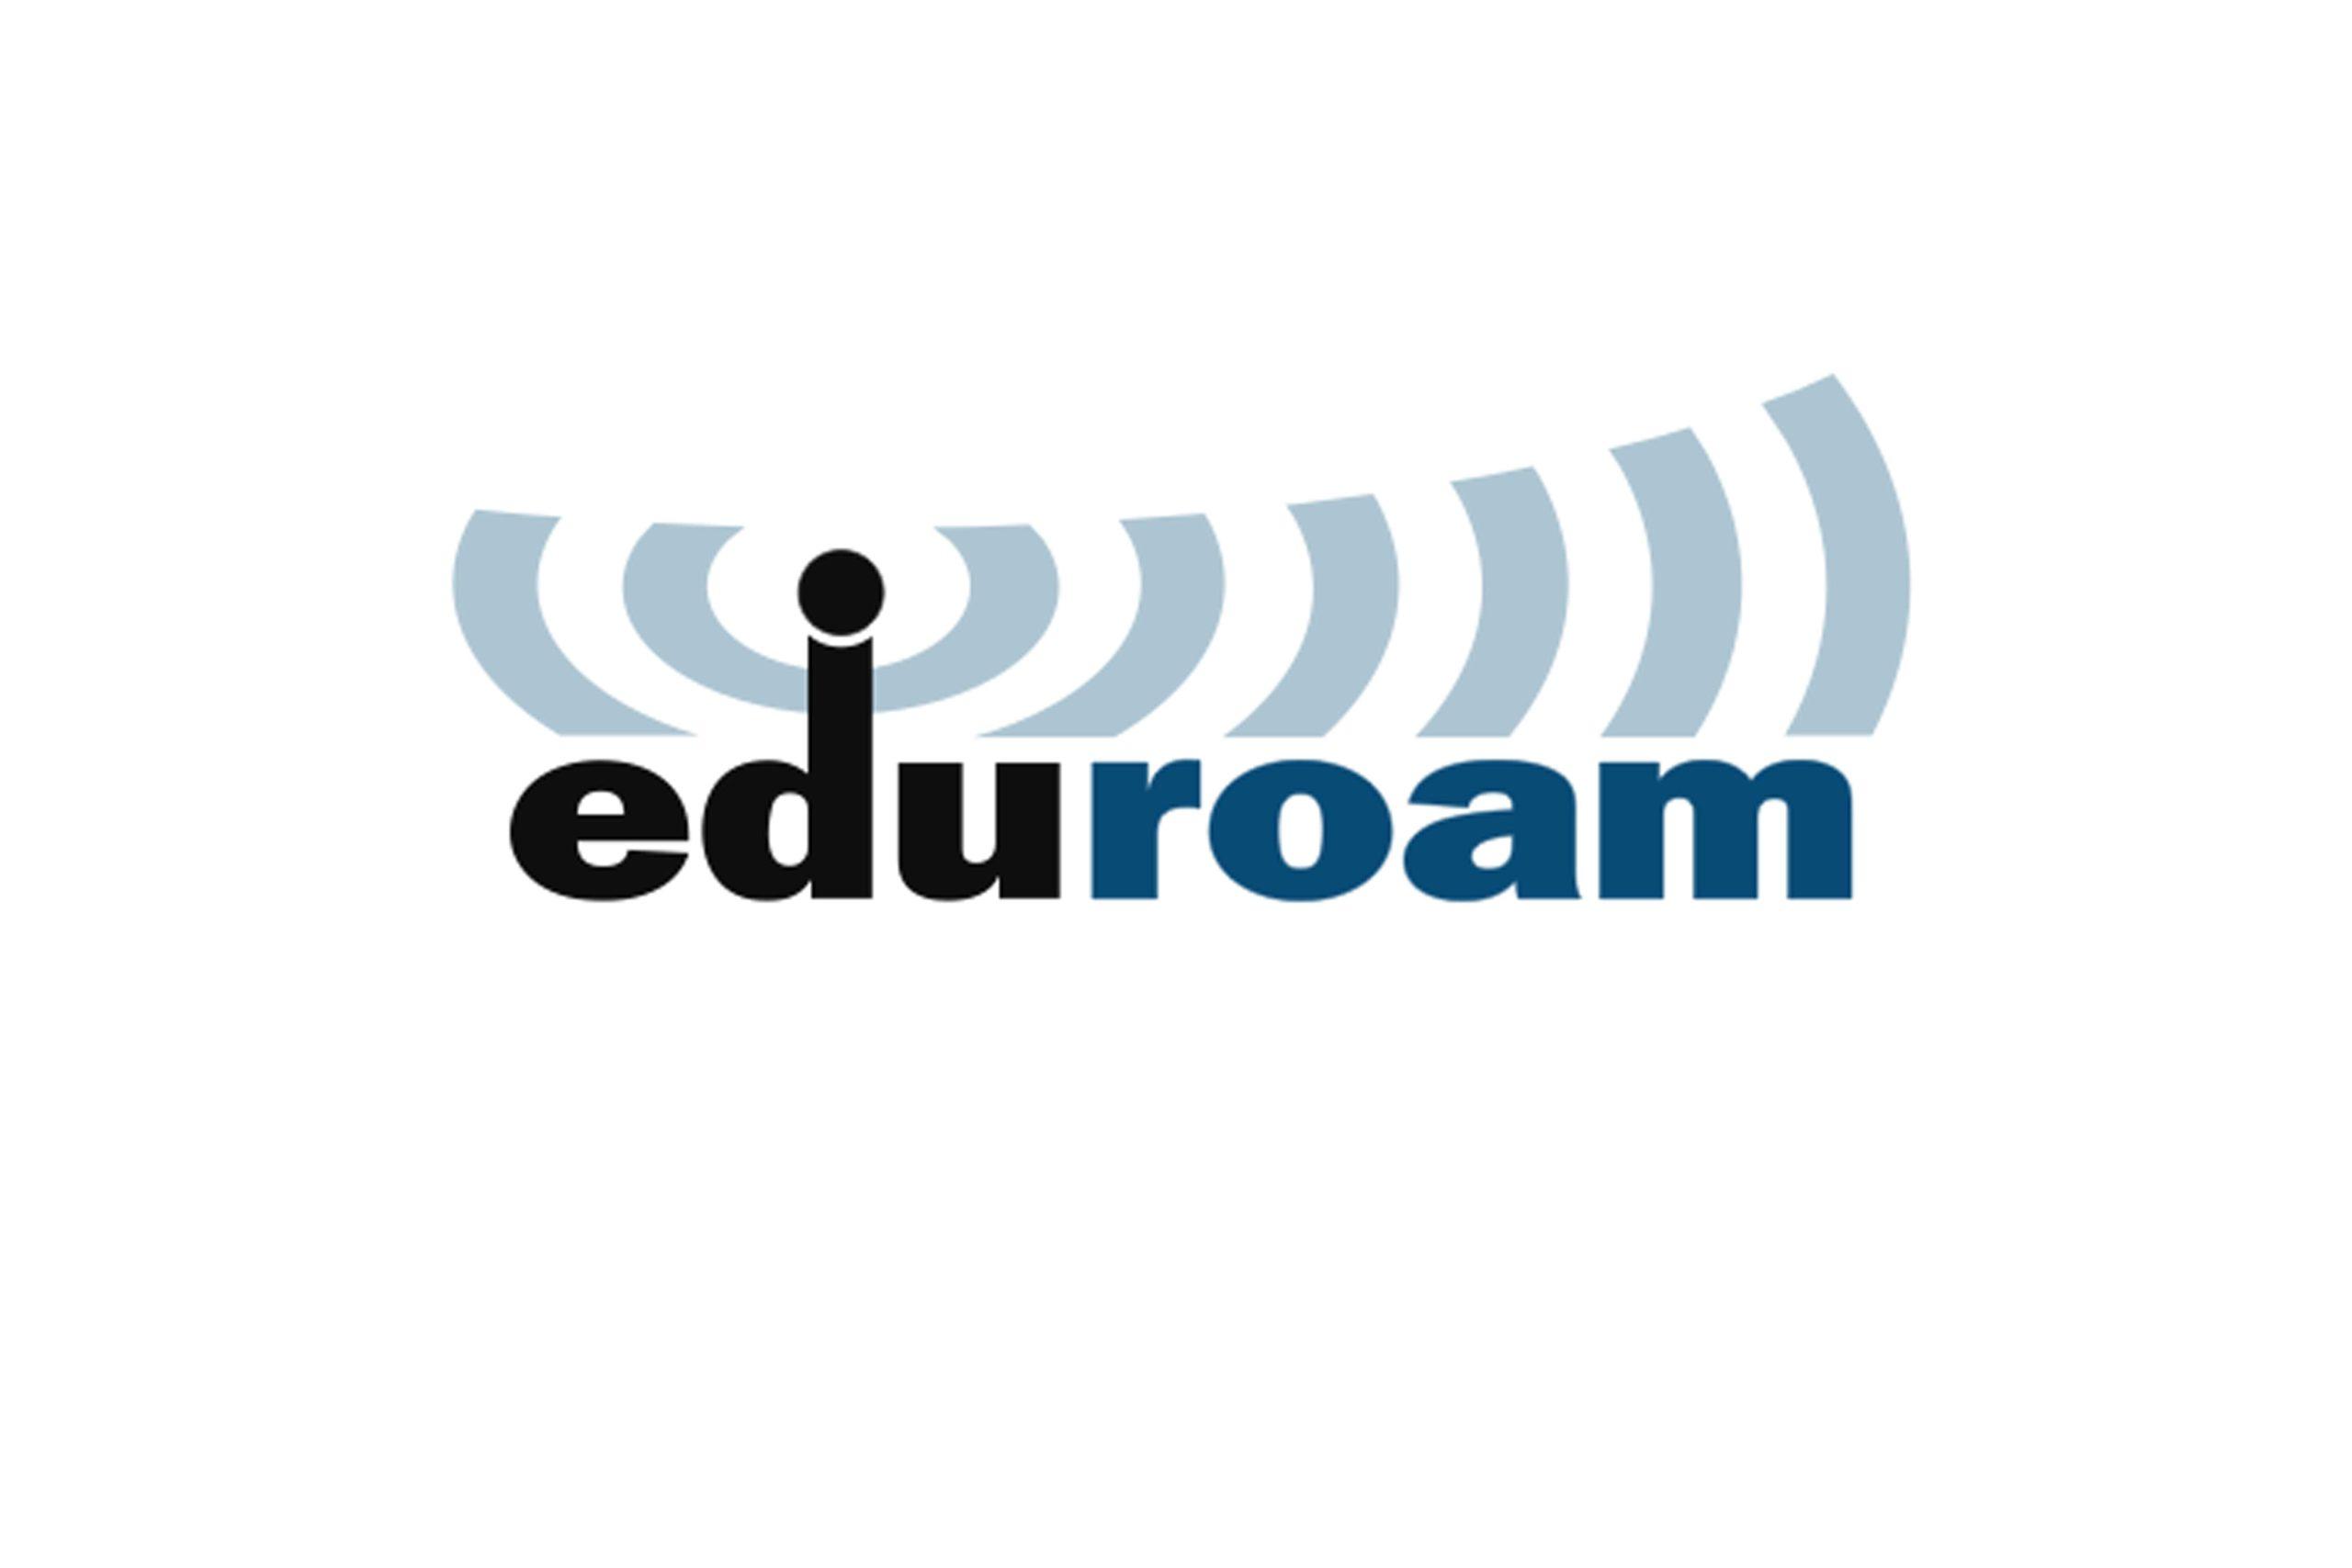 Draadloos onderwijs - Eduram | WiFi netwerk onderwijs